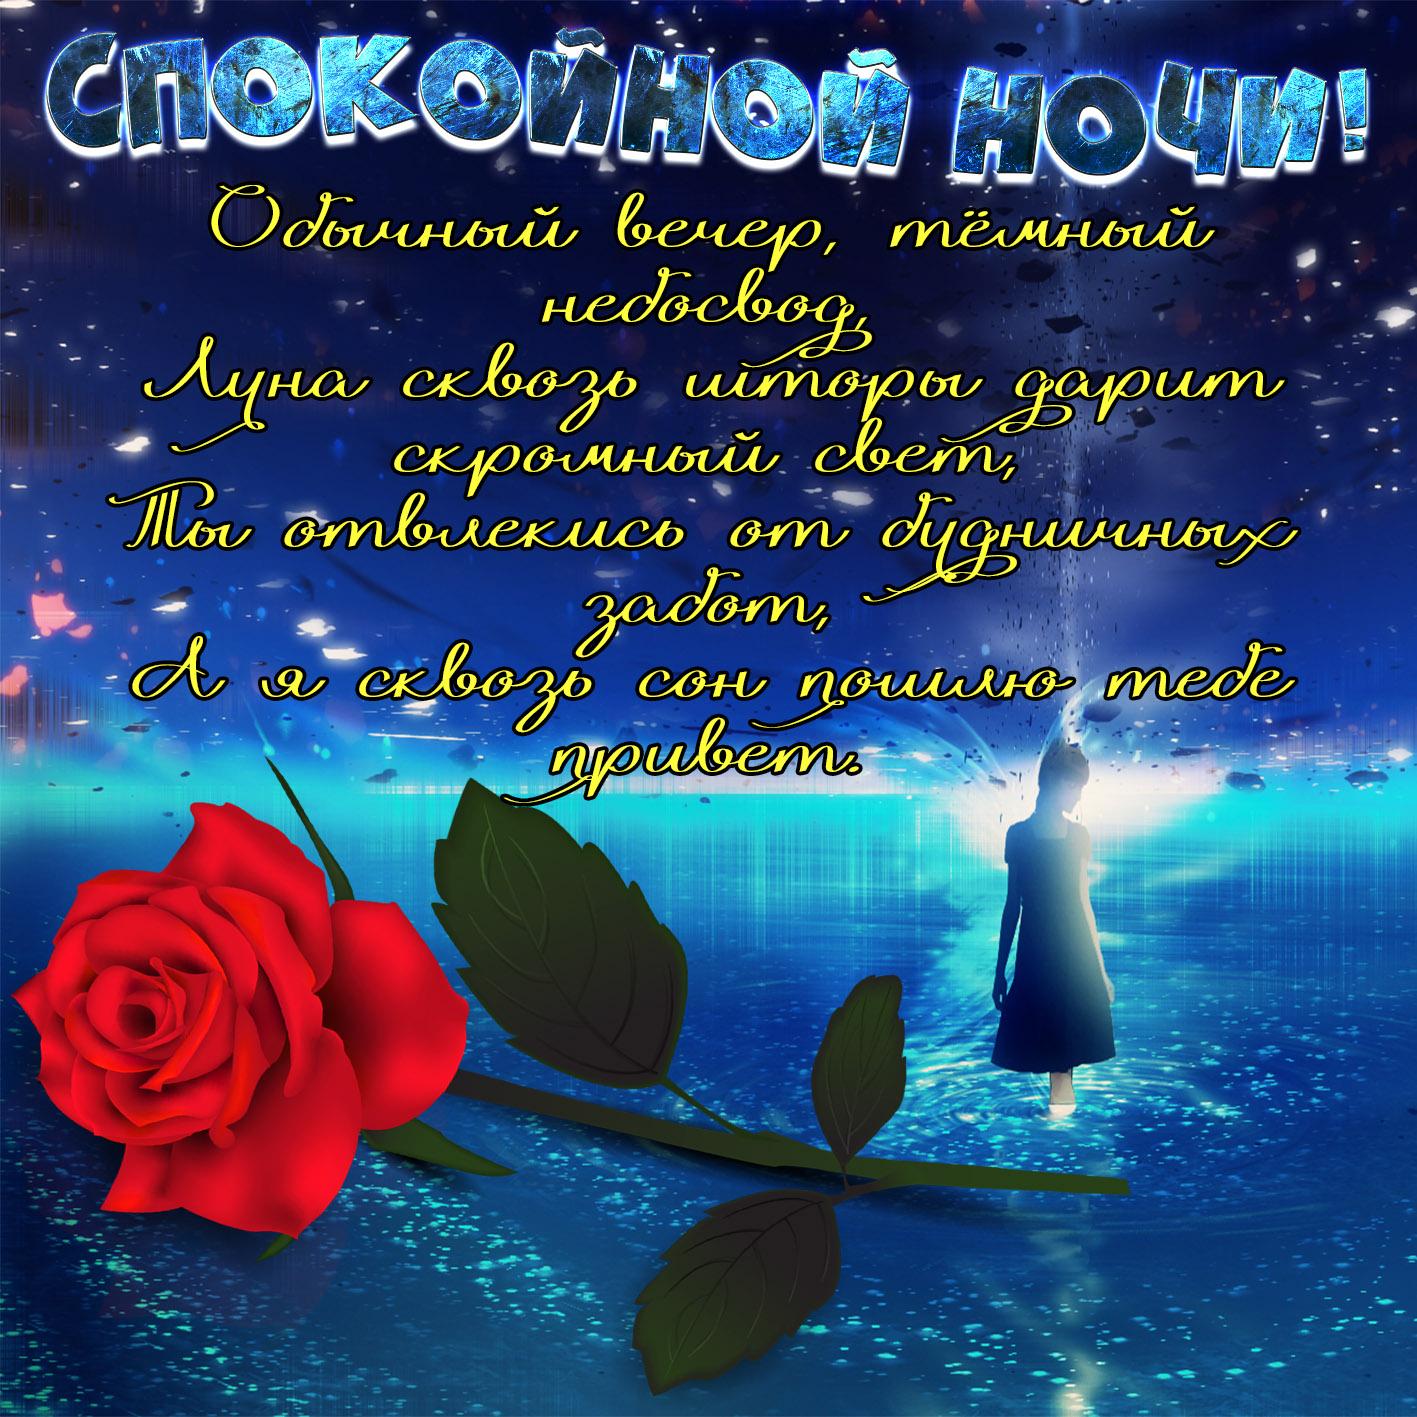 Картинка спокойной ночи с розой на феерическом фоне